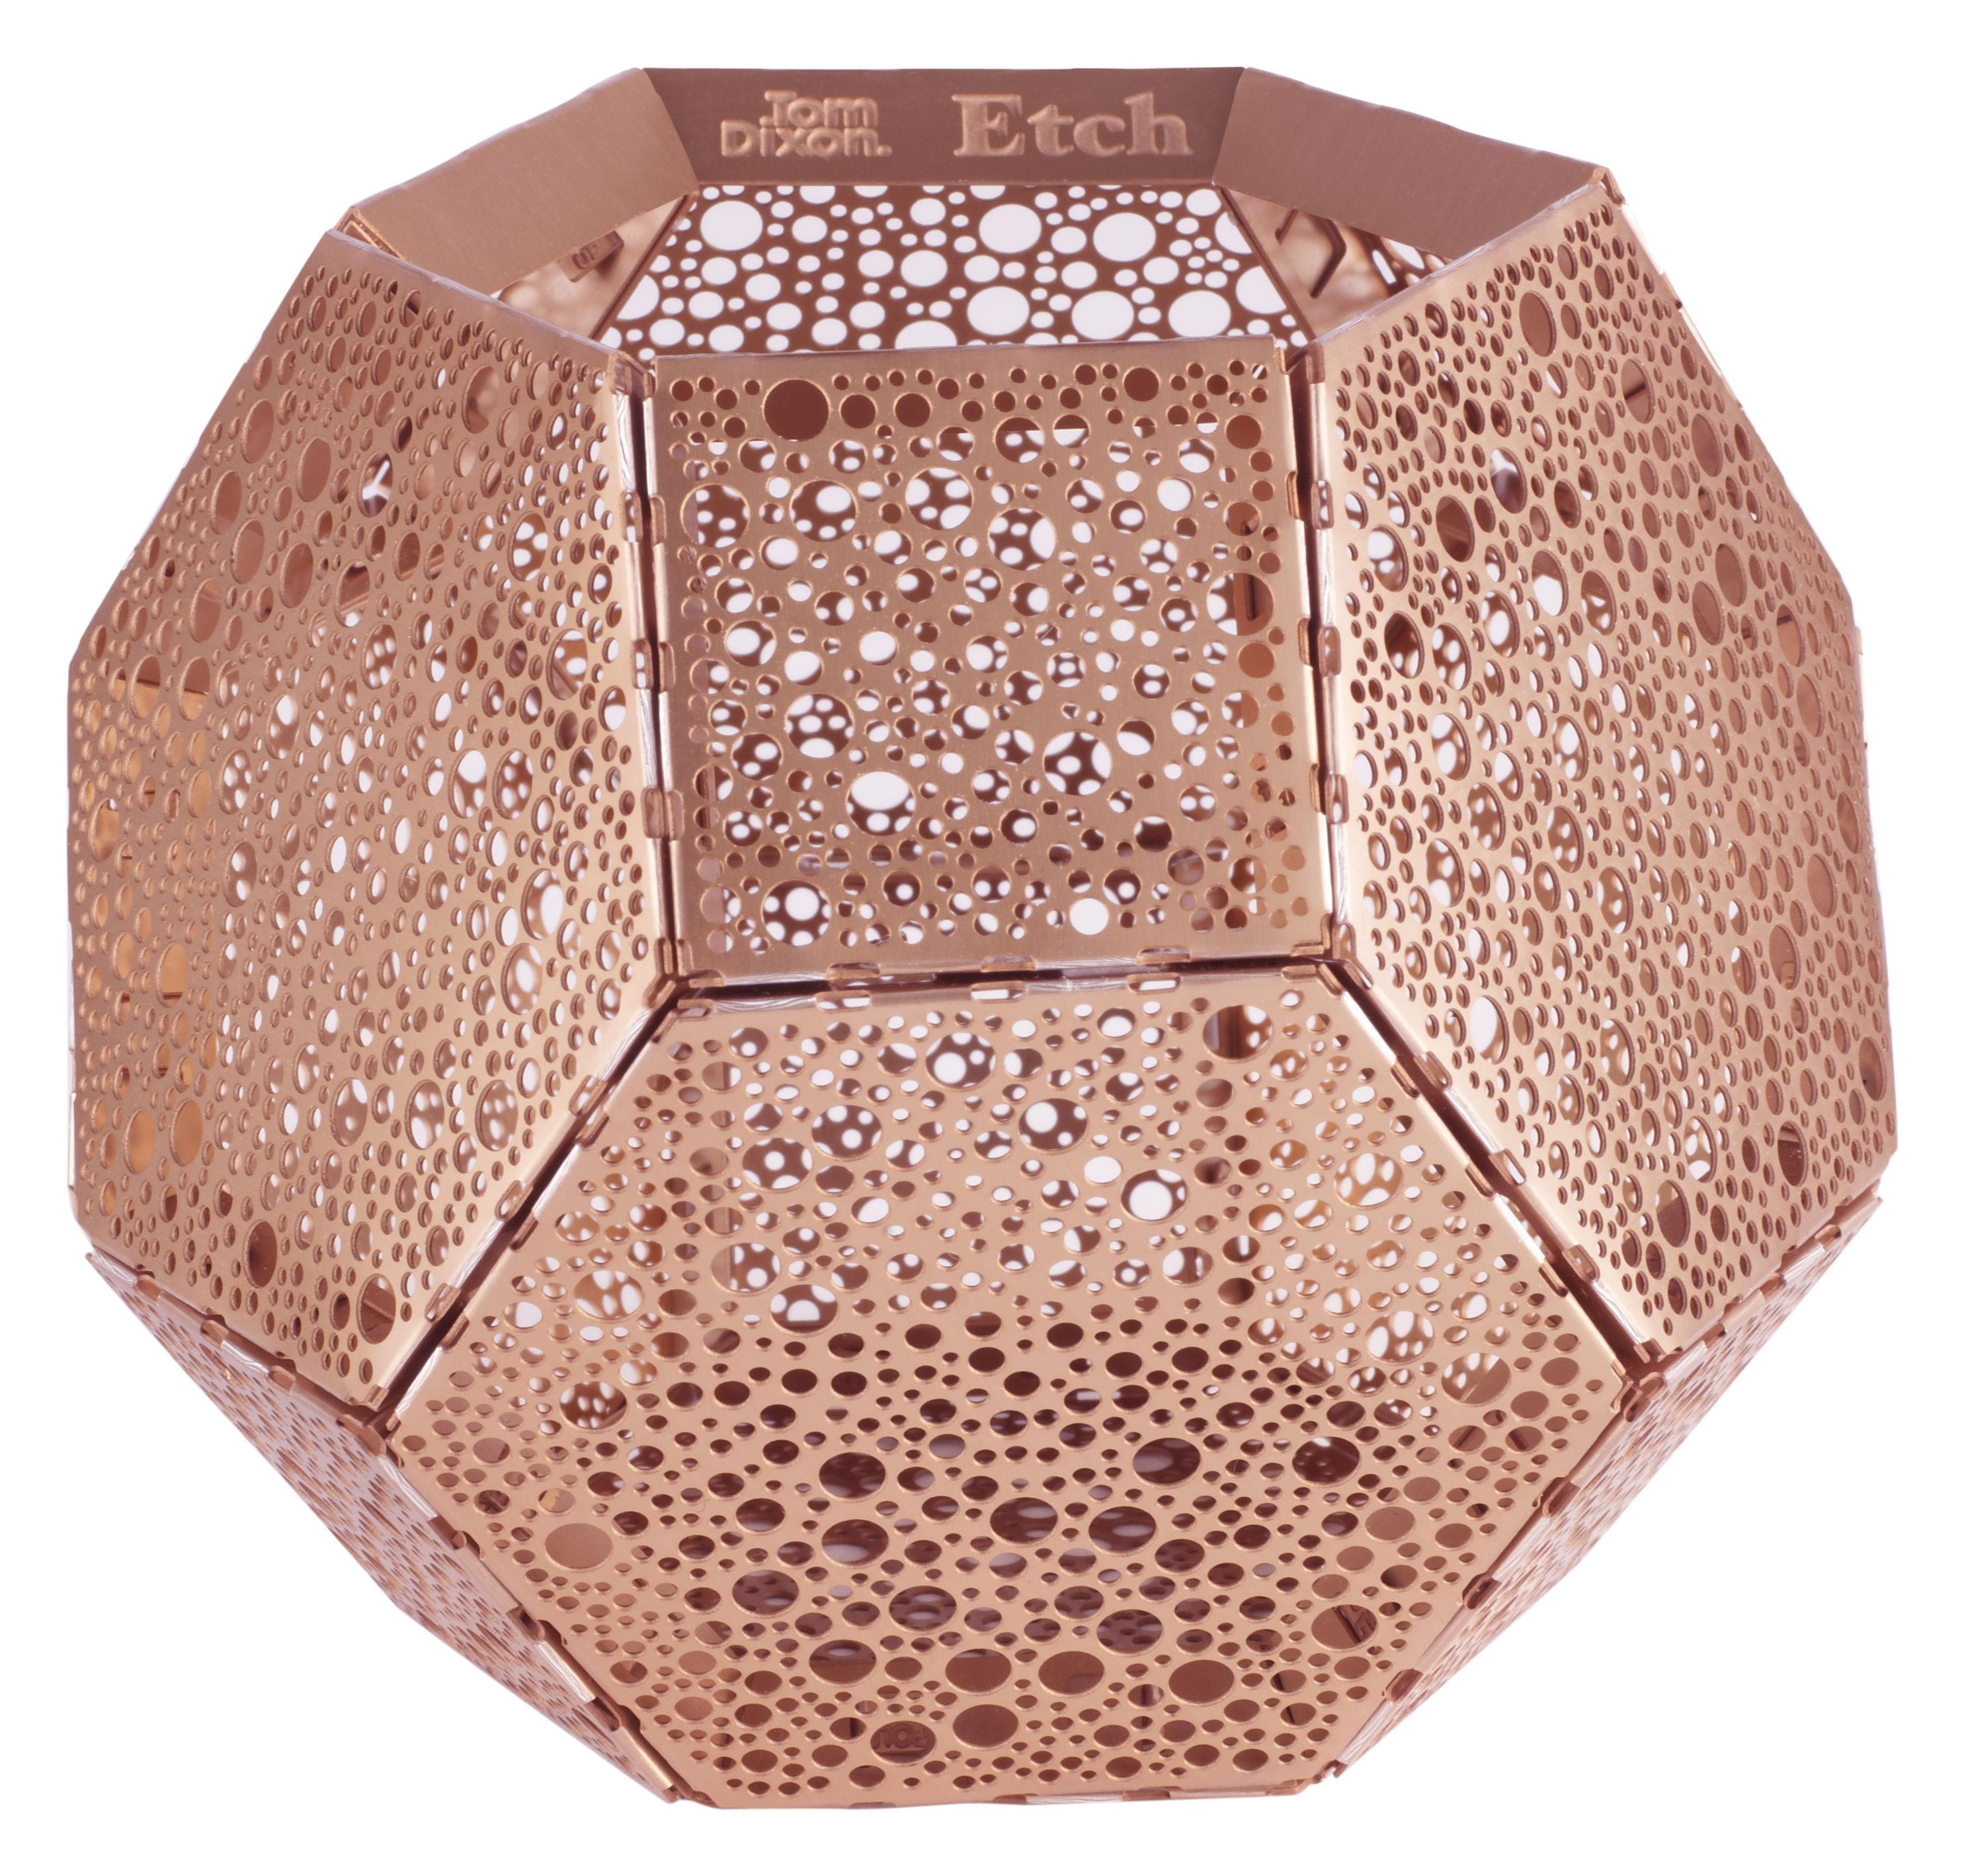 etch candle holder copper by tom dixon. Black Bedroom Furniture Sets. Home Design Ideas